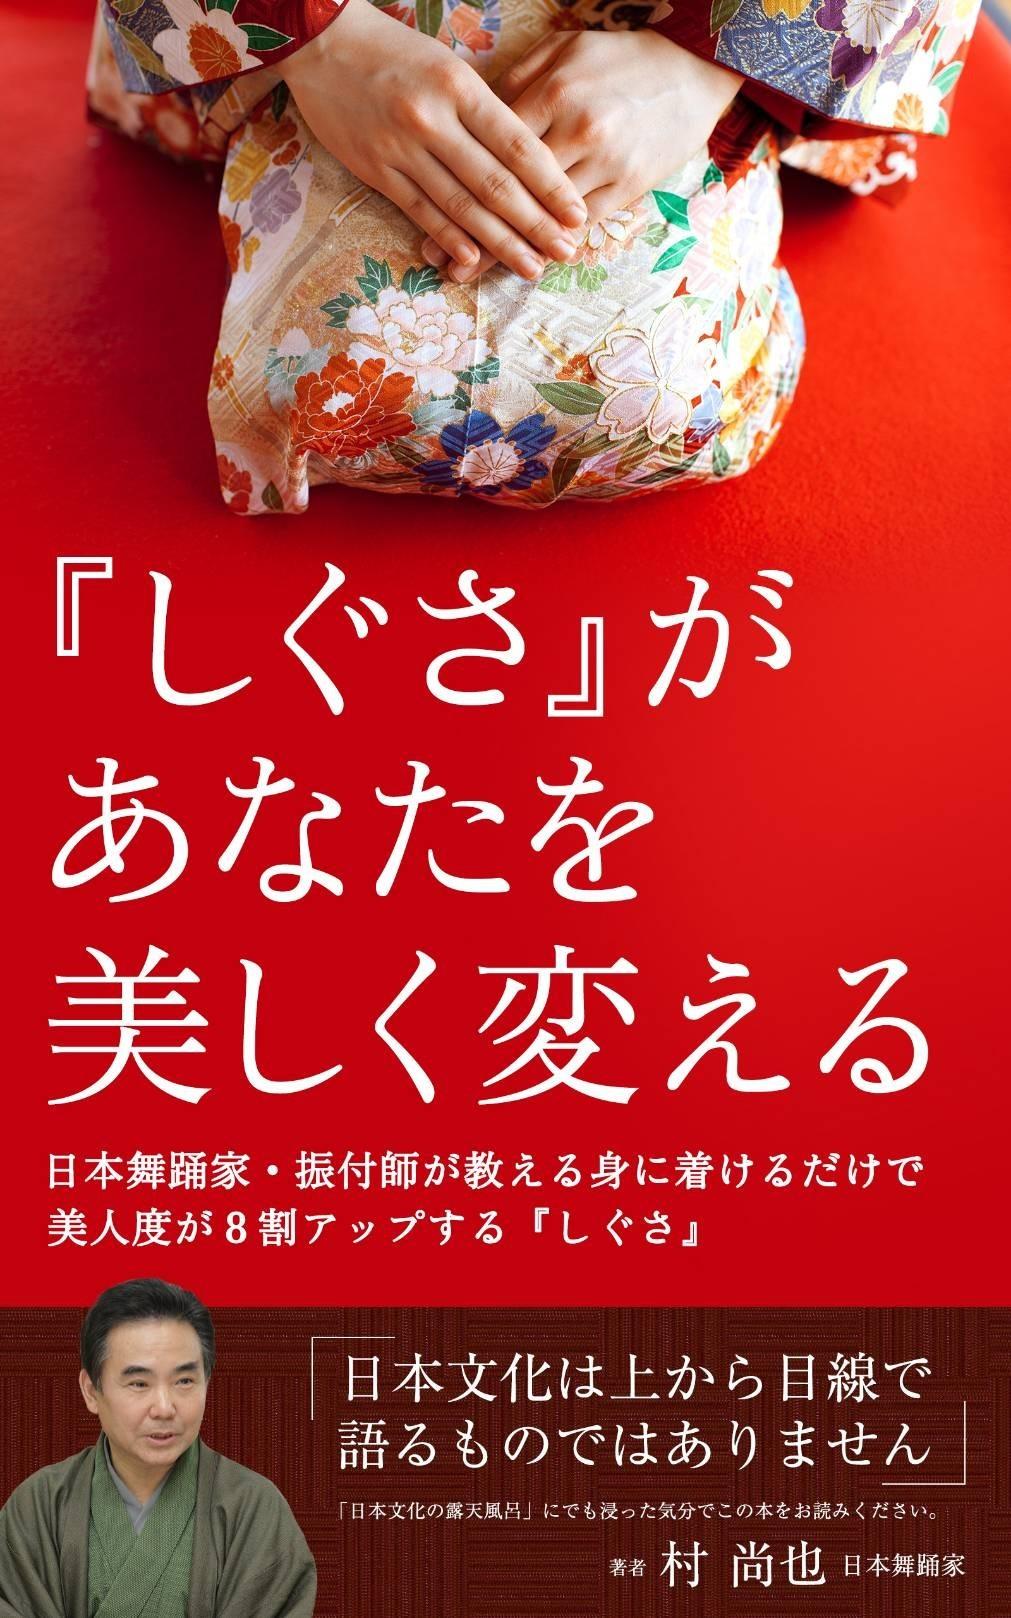 村尚也、初の電子書籍